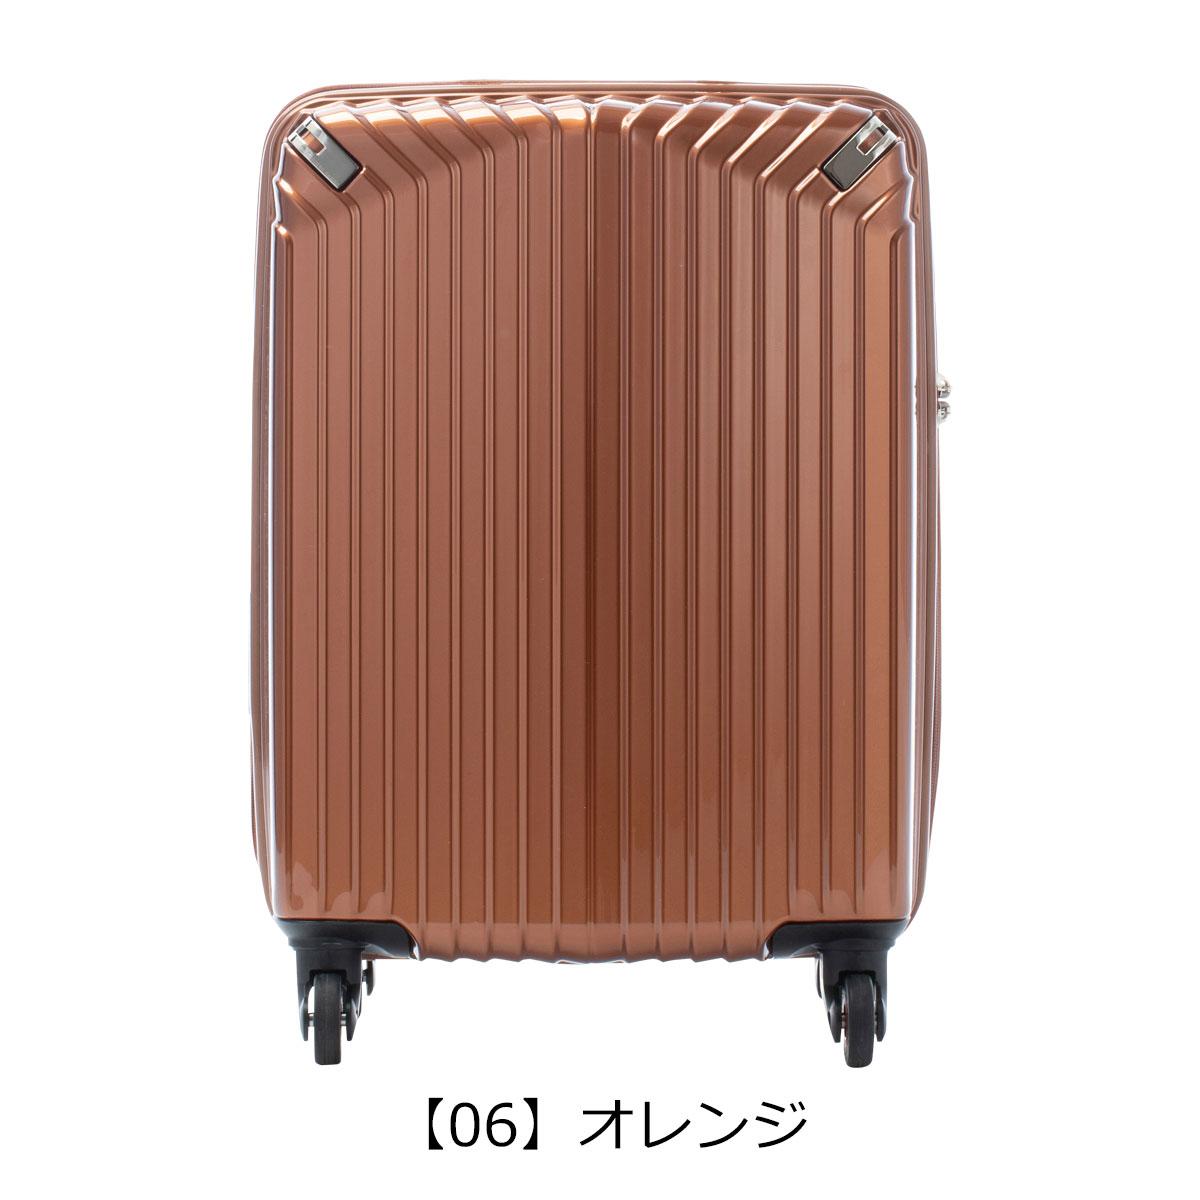 【06】オレンジ